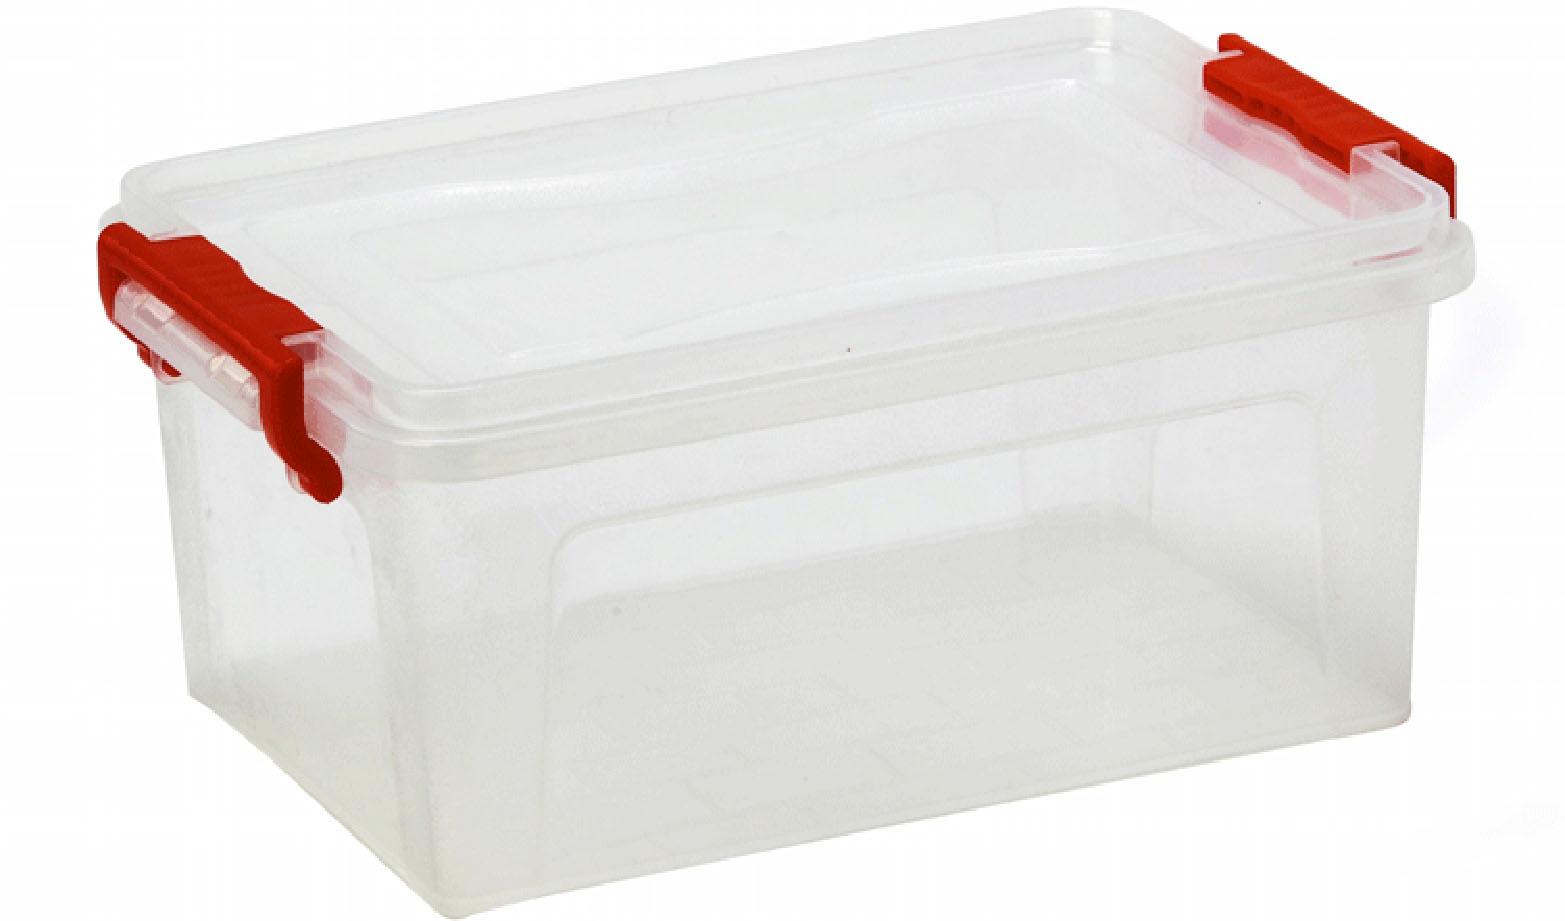 Контейнер для хранения Idea, прямоугольный, цвет: прозрачный, 20 л контейнер для хранения idea океаник цвет голубой 20 л